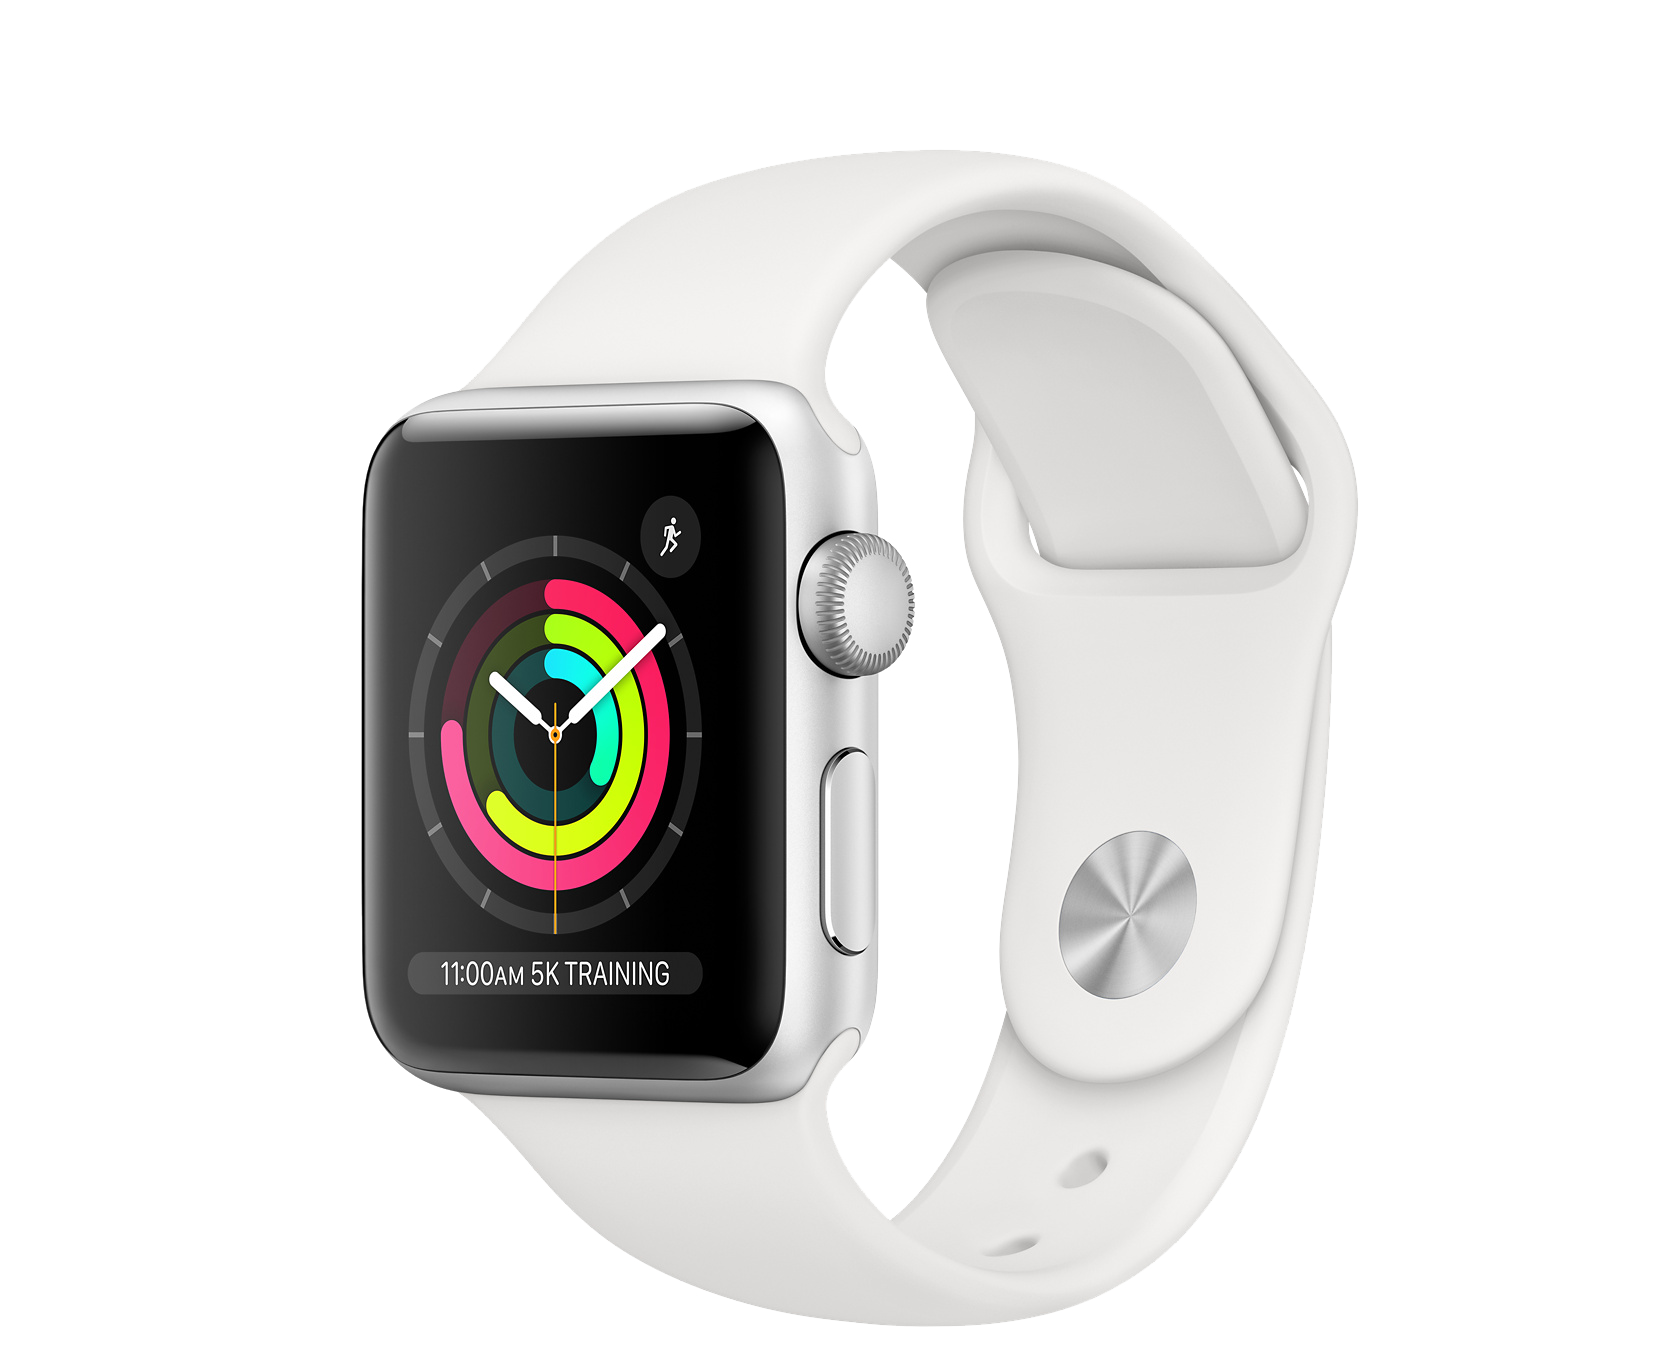 Refurbished Smartwatches